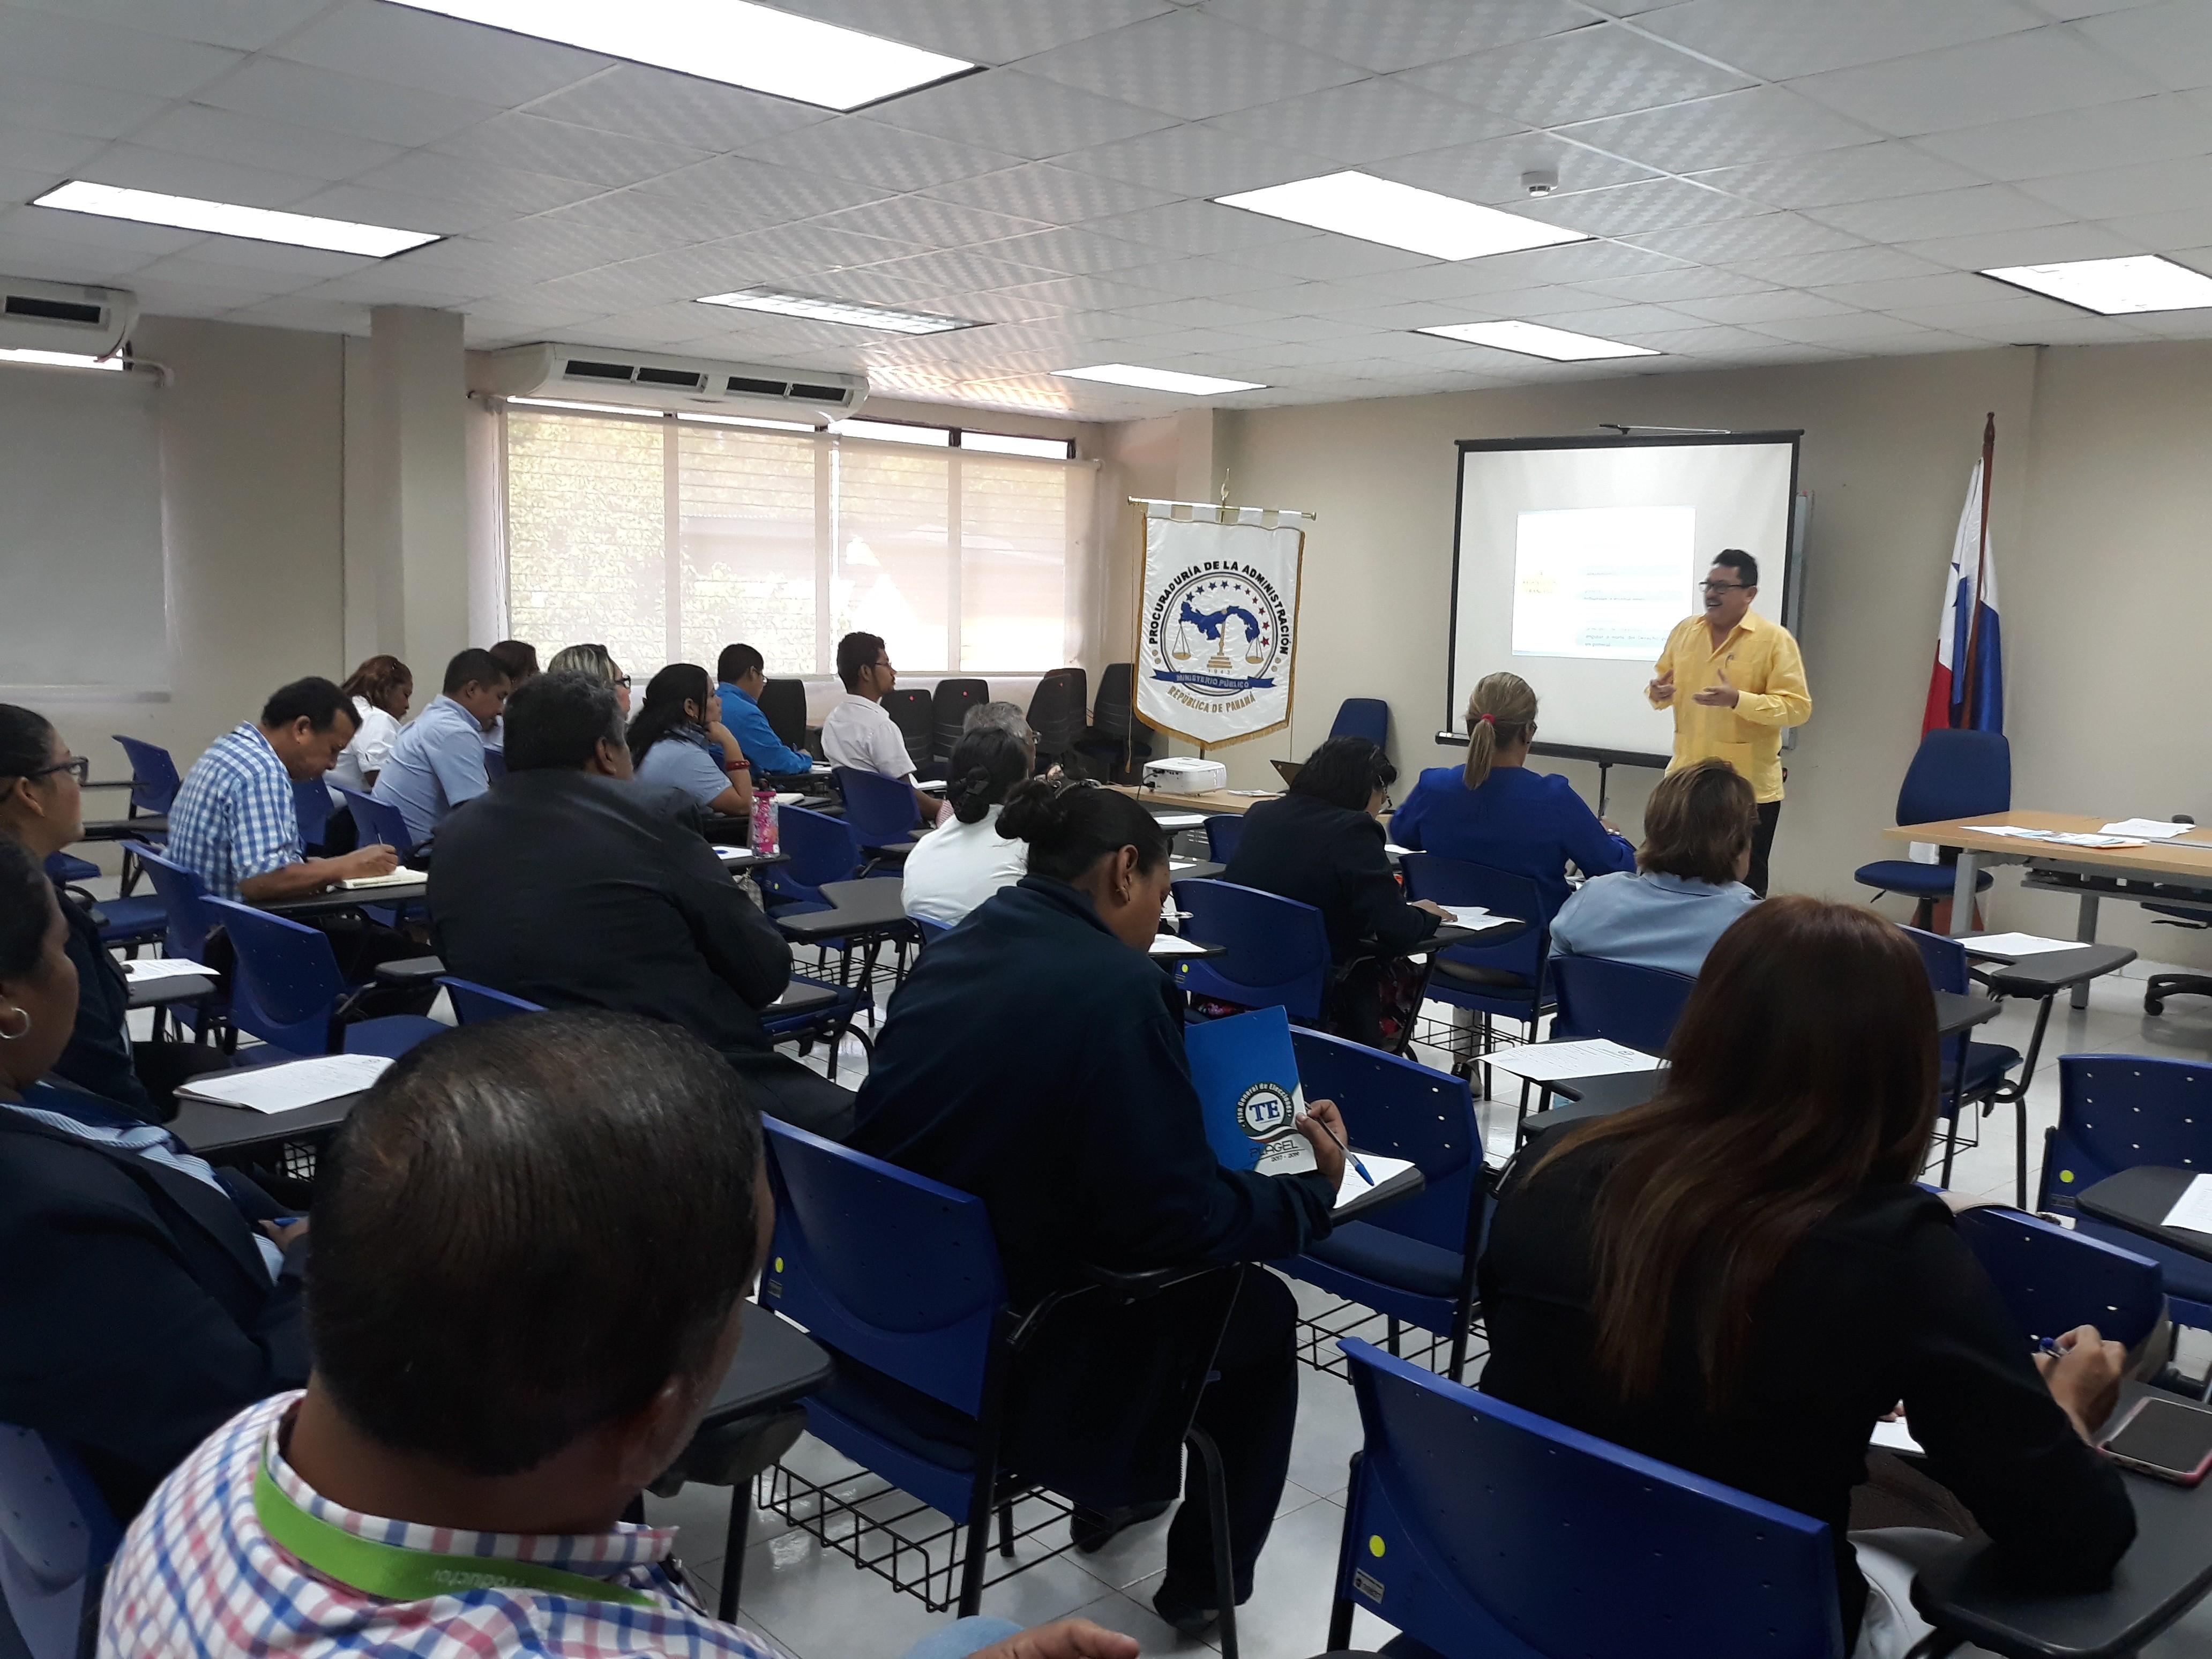 Capacitan asesores legales de entidades en la provincia de Coclé sobre procedimientos administrativos